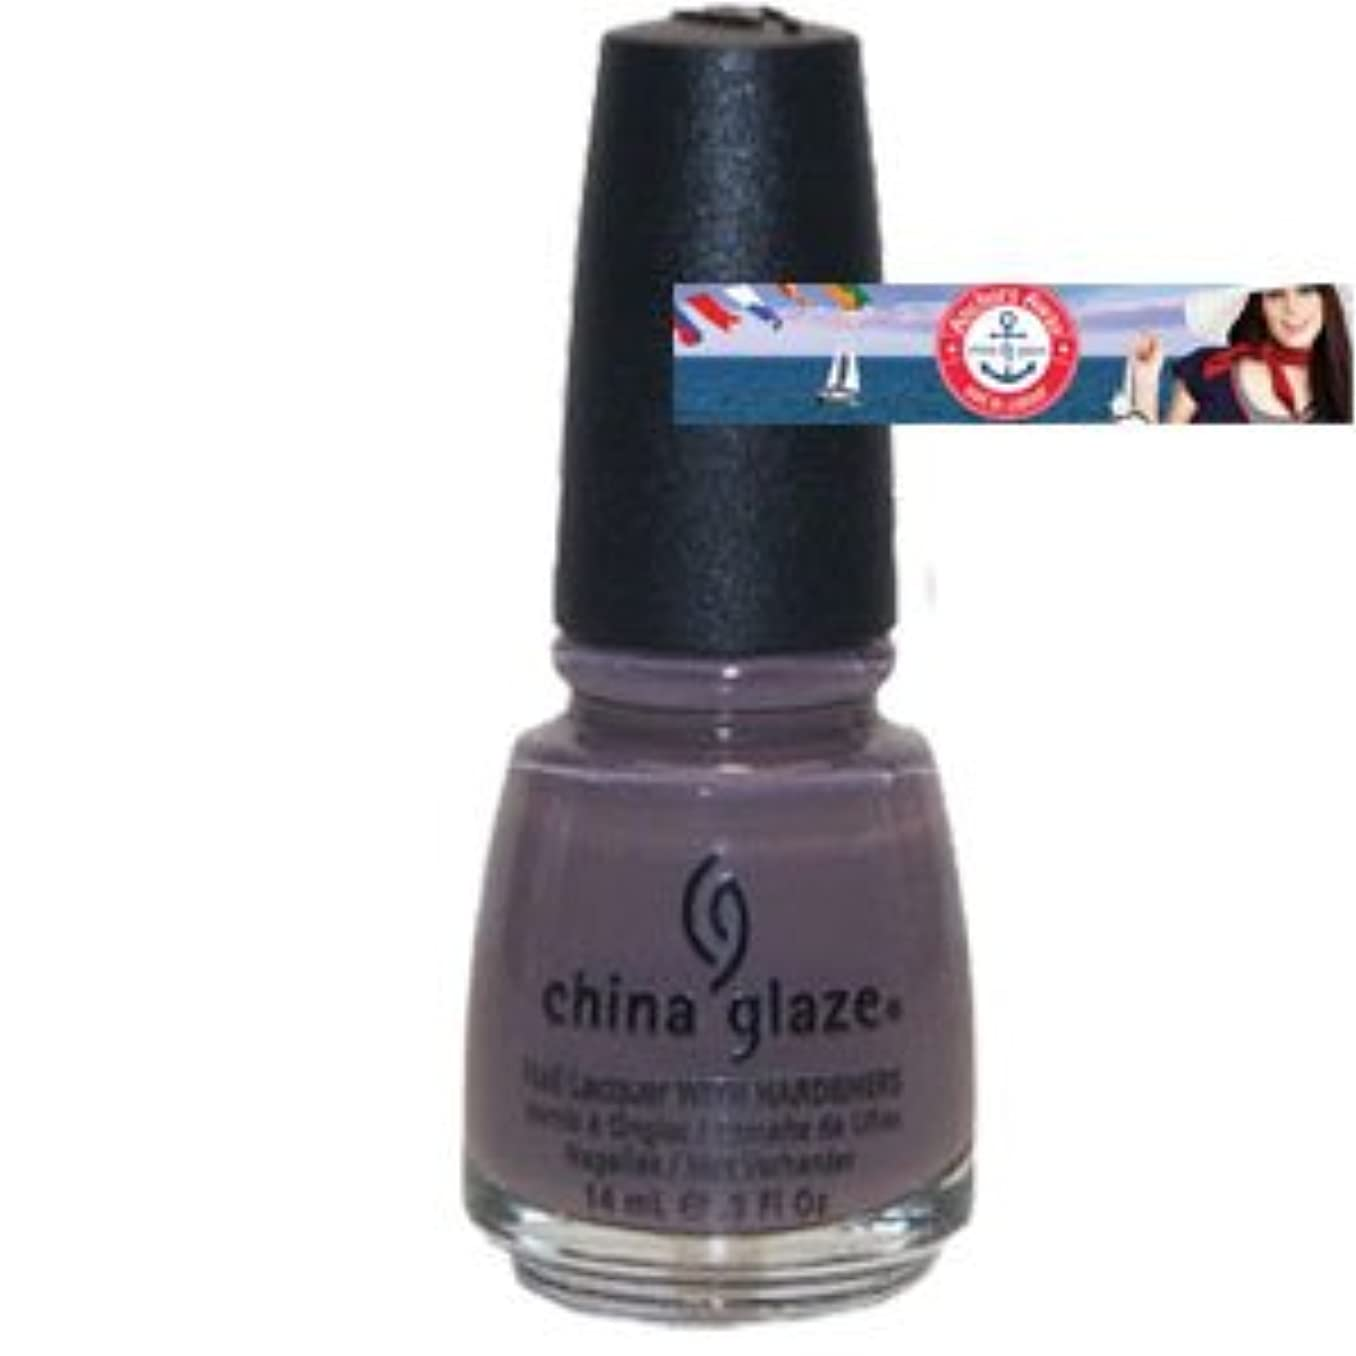 エイリアン対象太字(チャイナグレイズ)China Glaze Anchors Away Collection・Below Deck [海外直送品][並行輸入品]